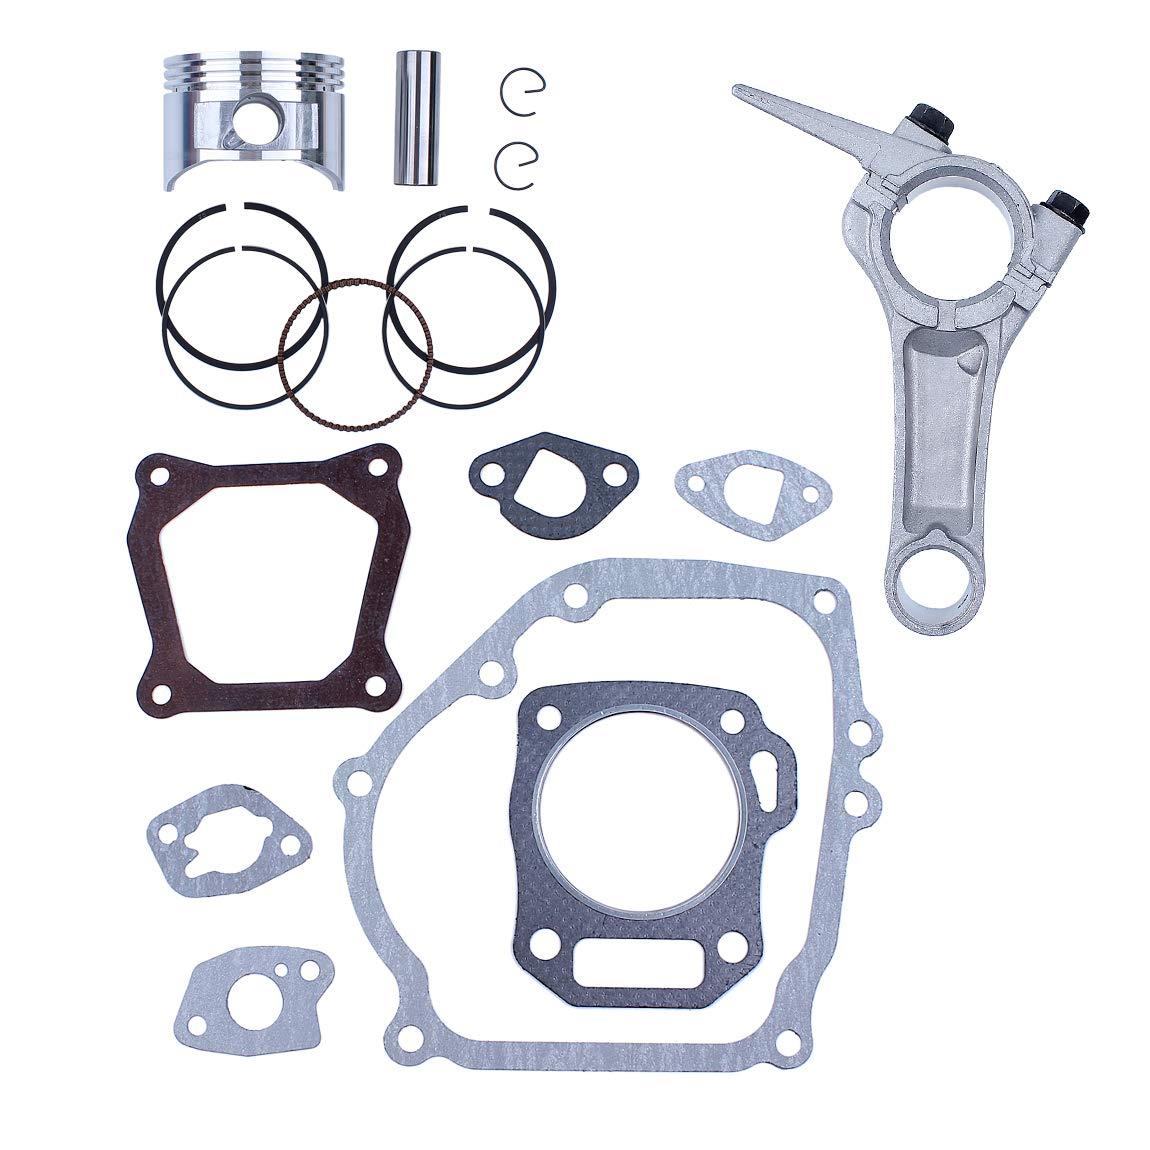 Ensemble de joint complet de moteur de bielle de piston danneau de 68MM pour Honda GX160 GX 160 5.5HP 4 temps g/én/érateur de moteur /à essence pompe /à eau